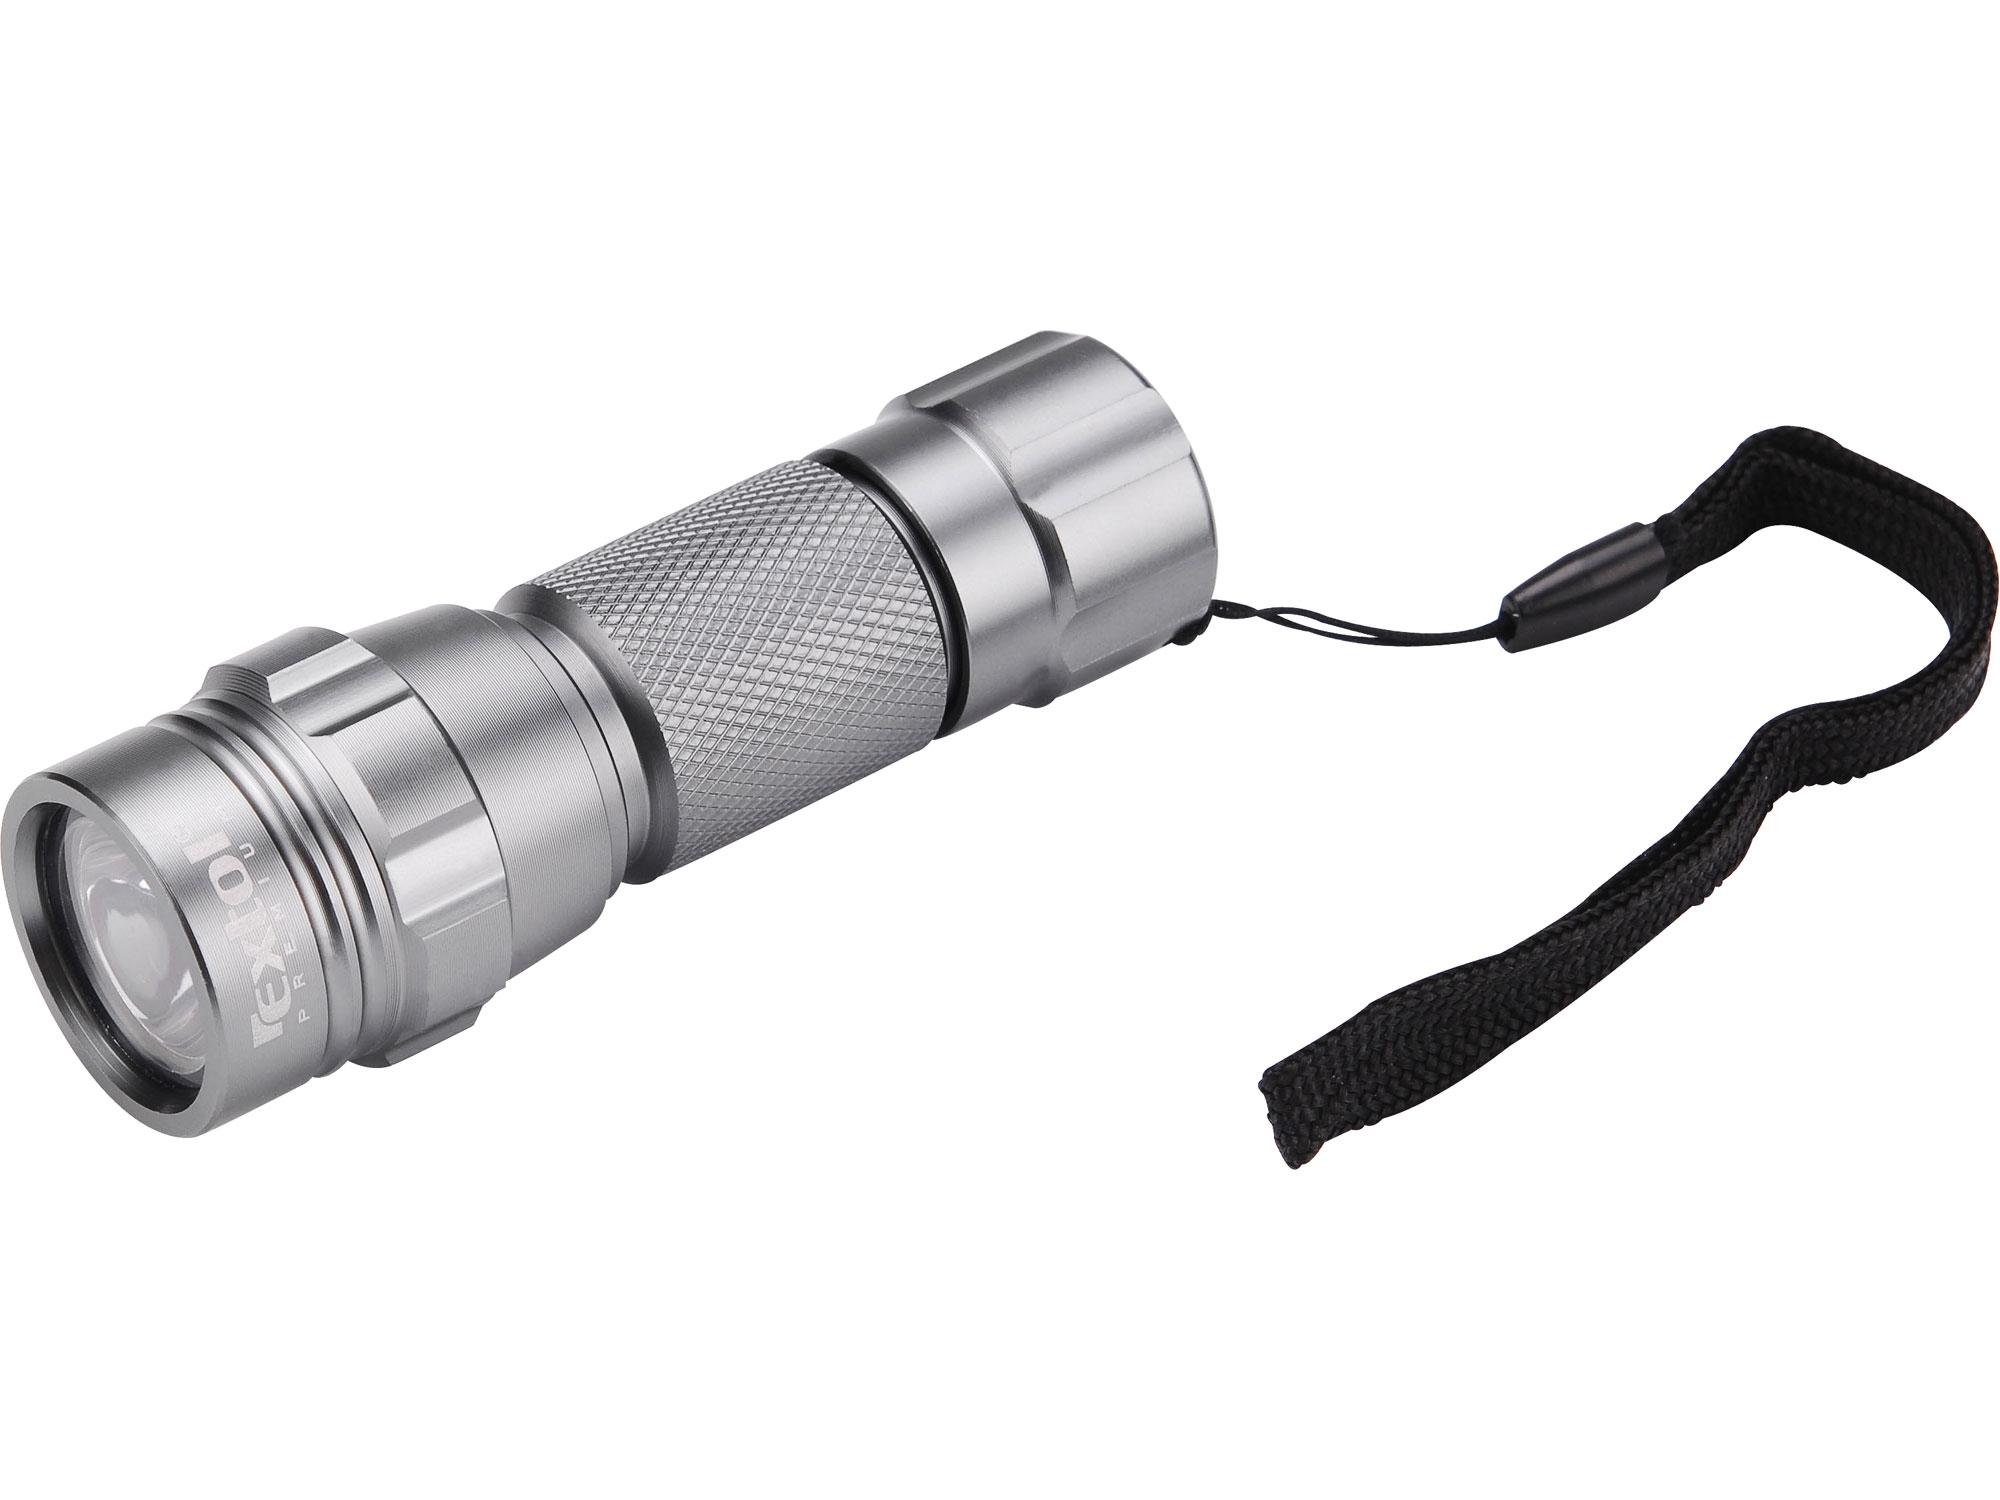 svítilna LED, celokovová, MINI, LED dioda, (30 000mcd), hliník